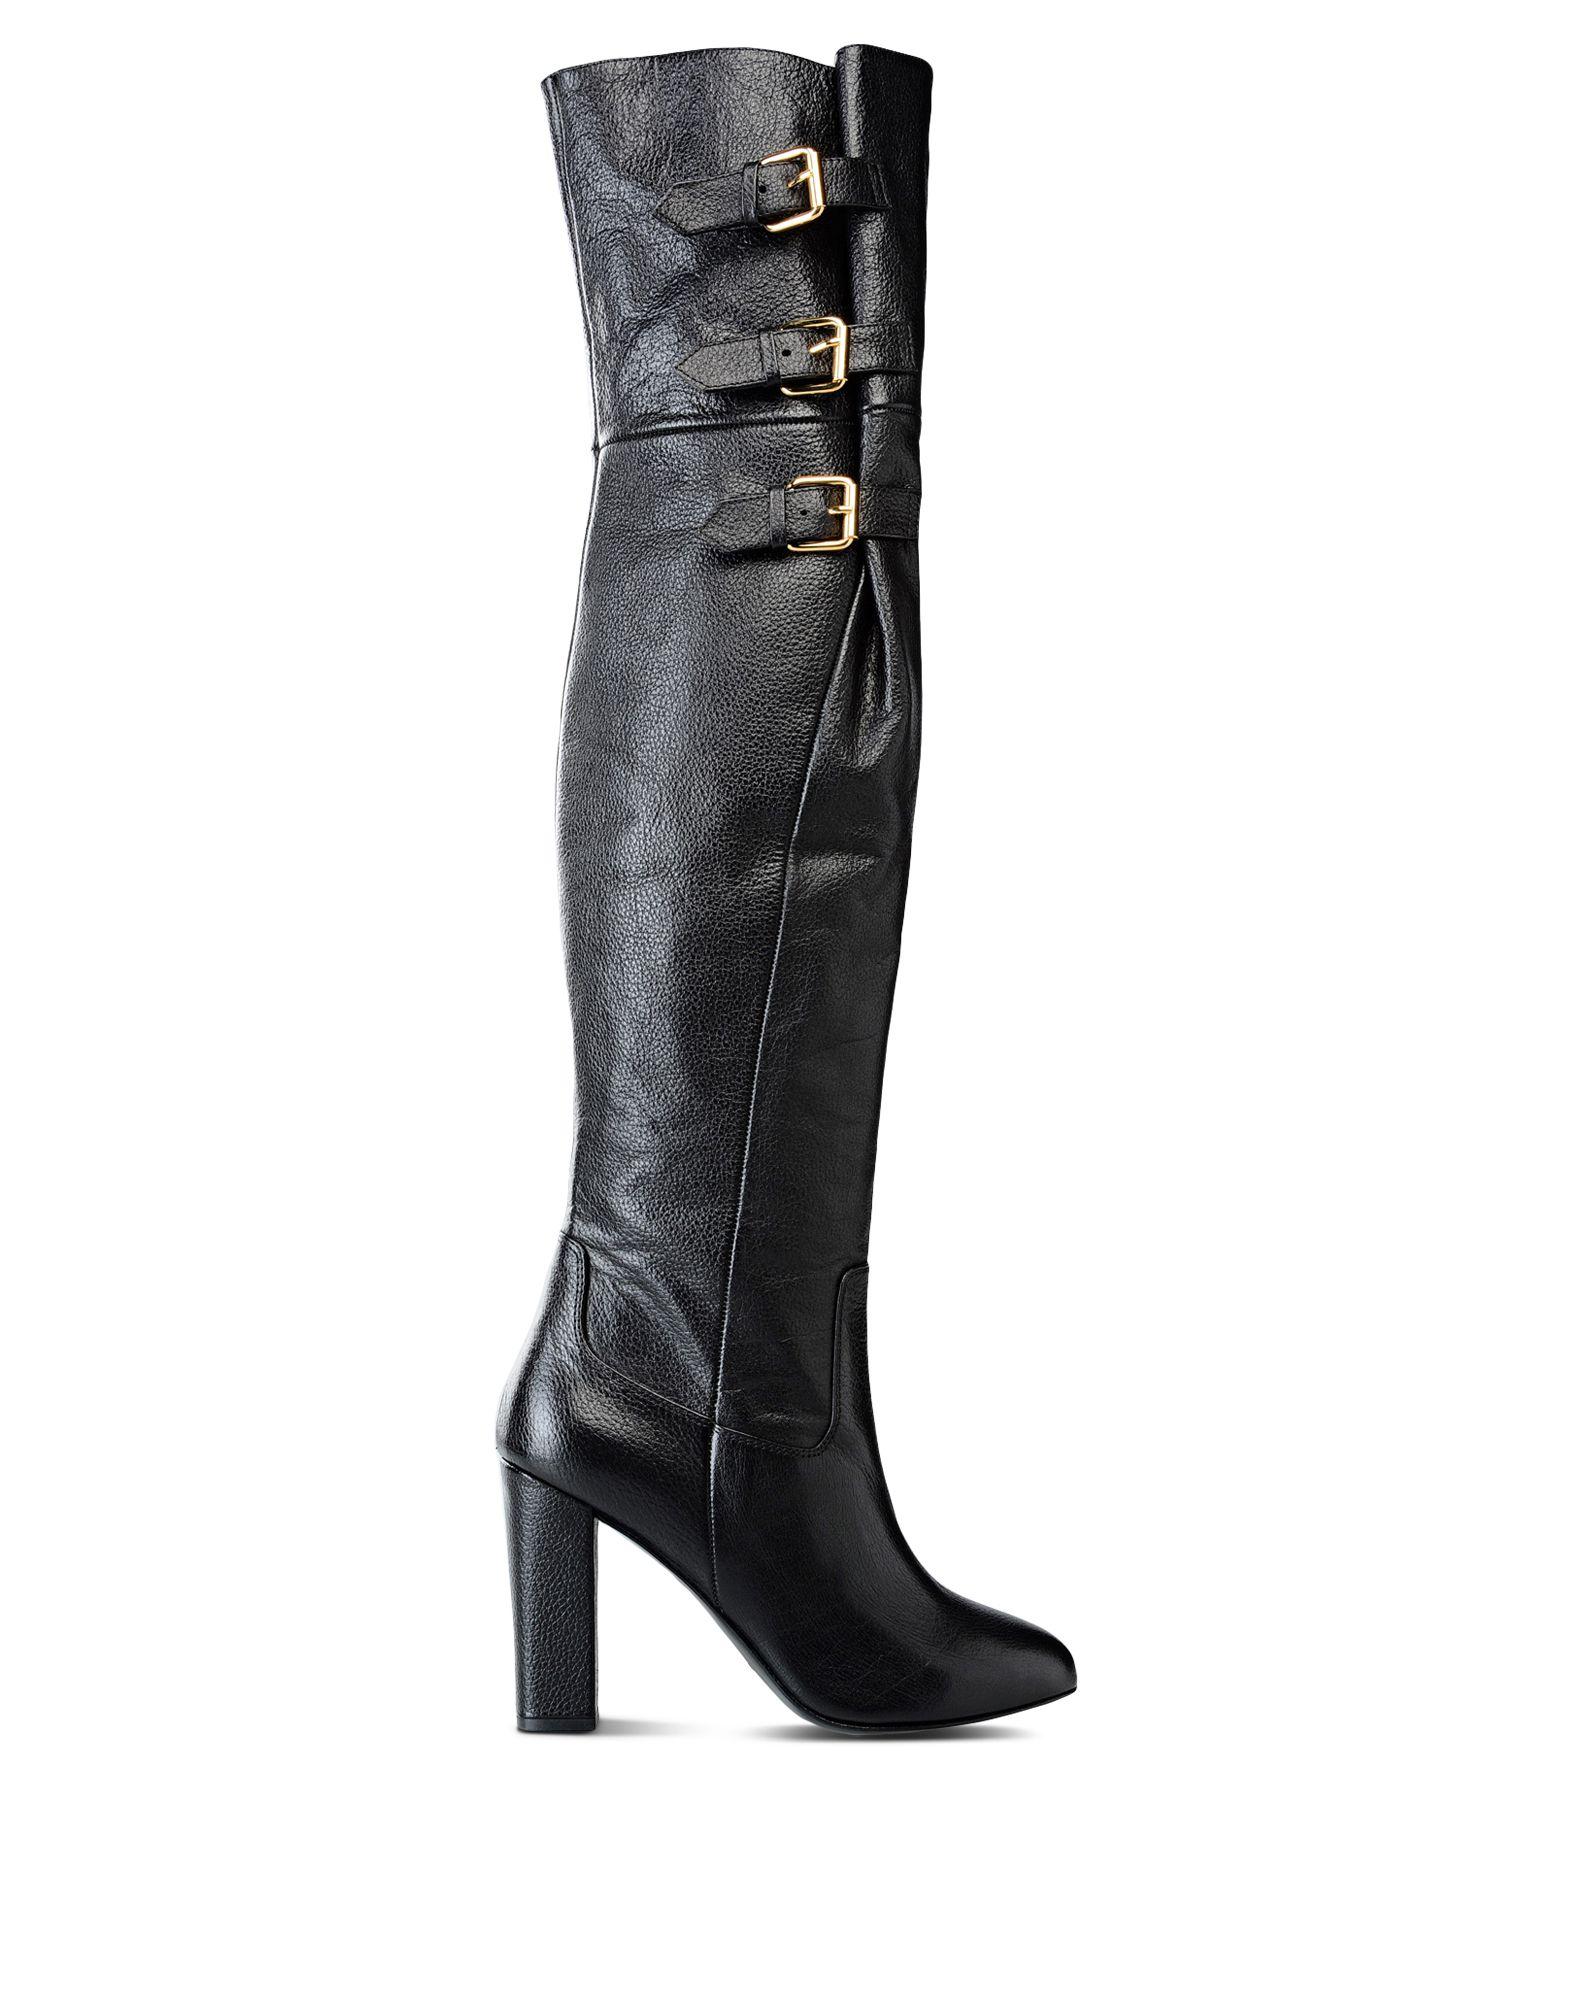 Boutique 11280660OAGünstige Moschino Stiefel Damen  11280660OAGünstige Boutique gut aussehende Schuhe 2465f6